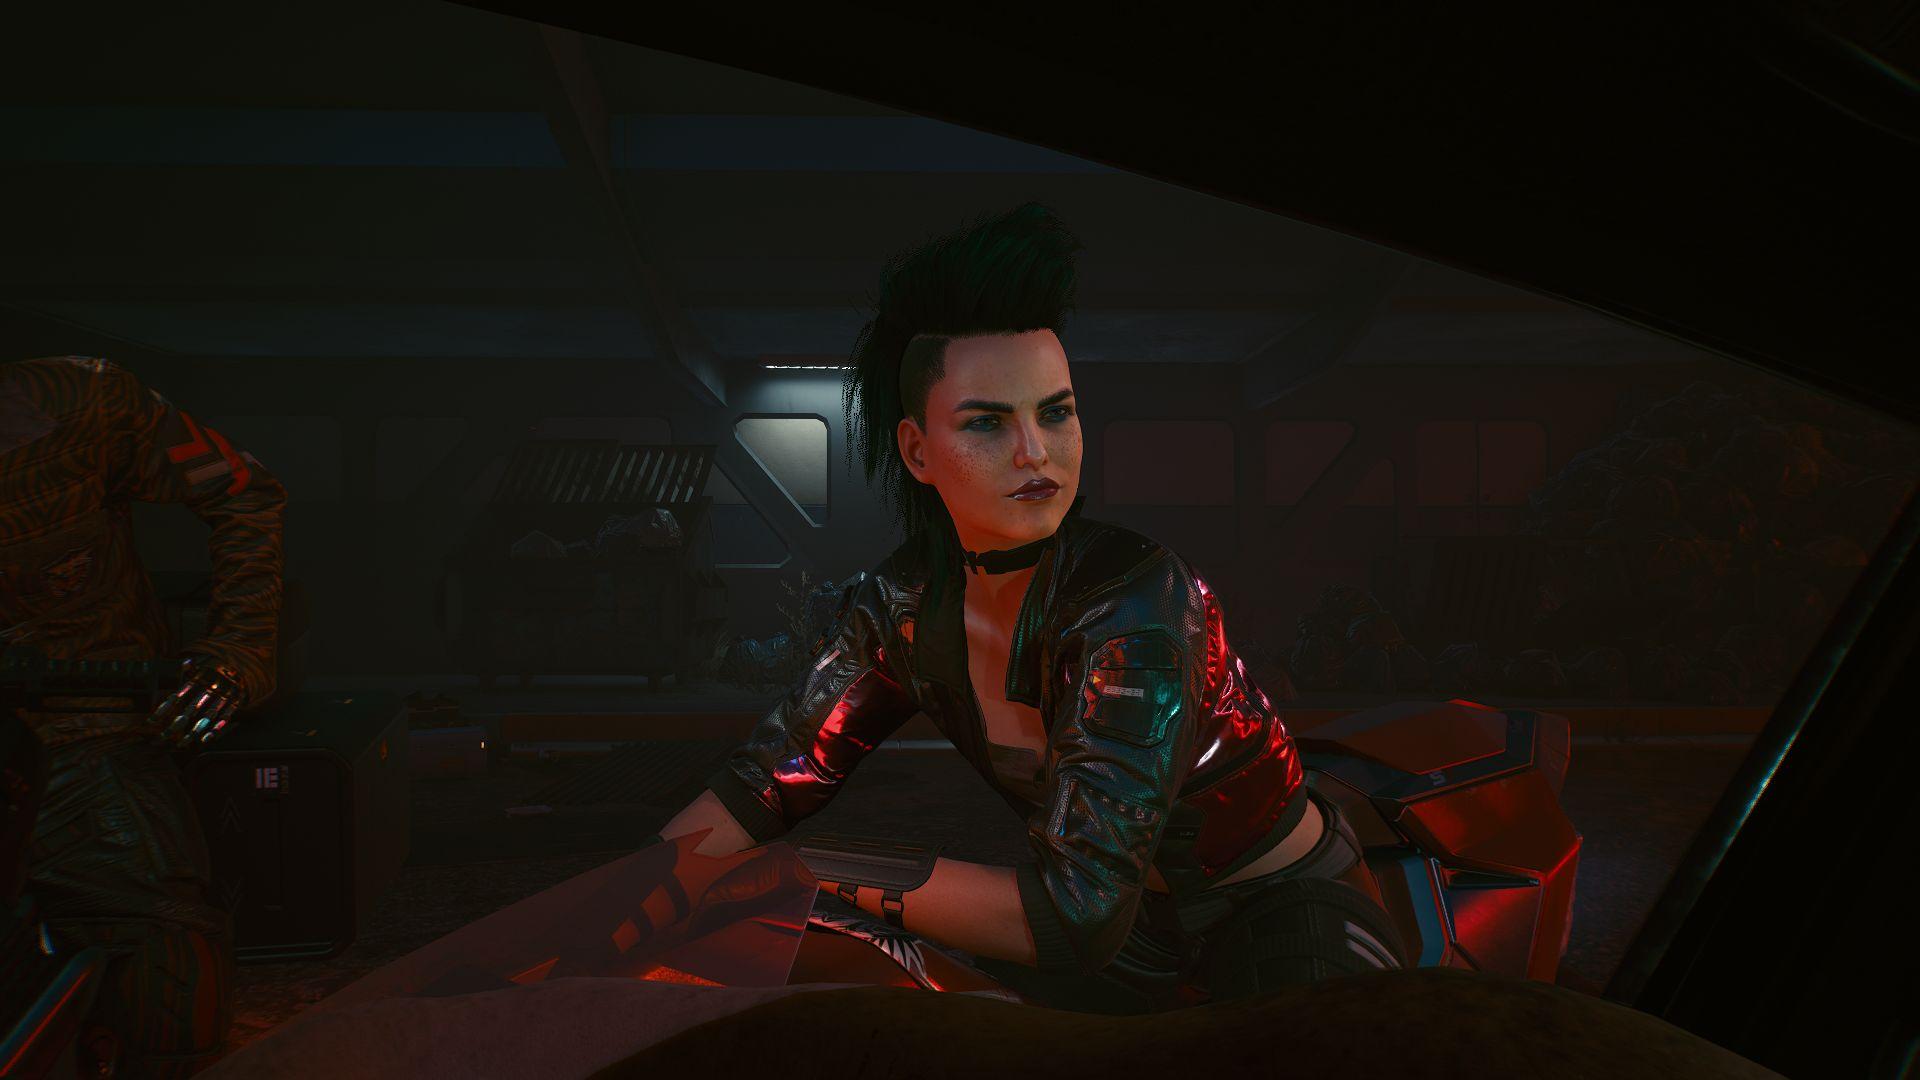 000283.Jpg - Cyberpunk 2077